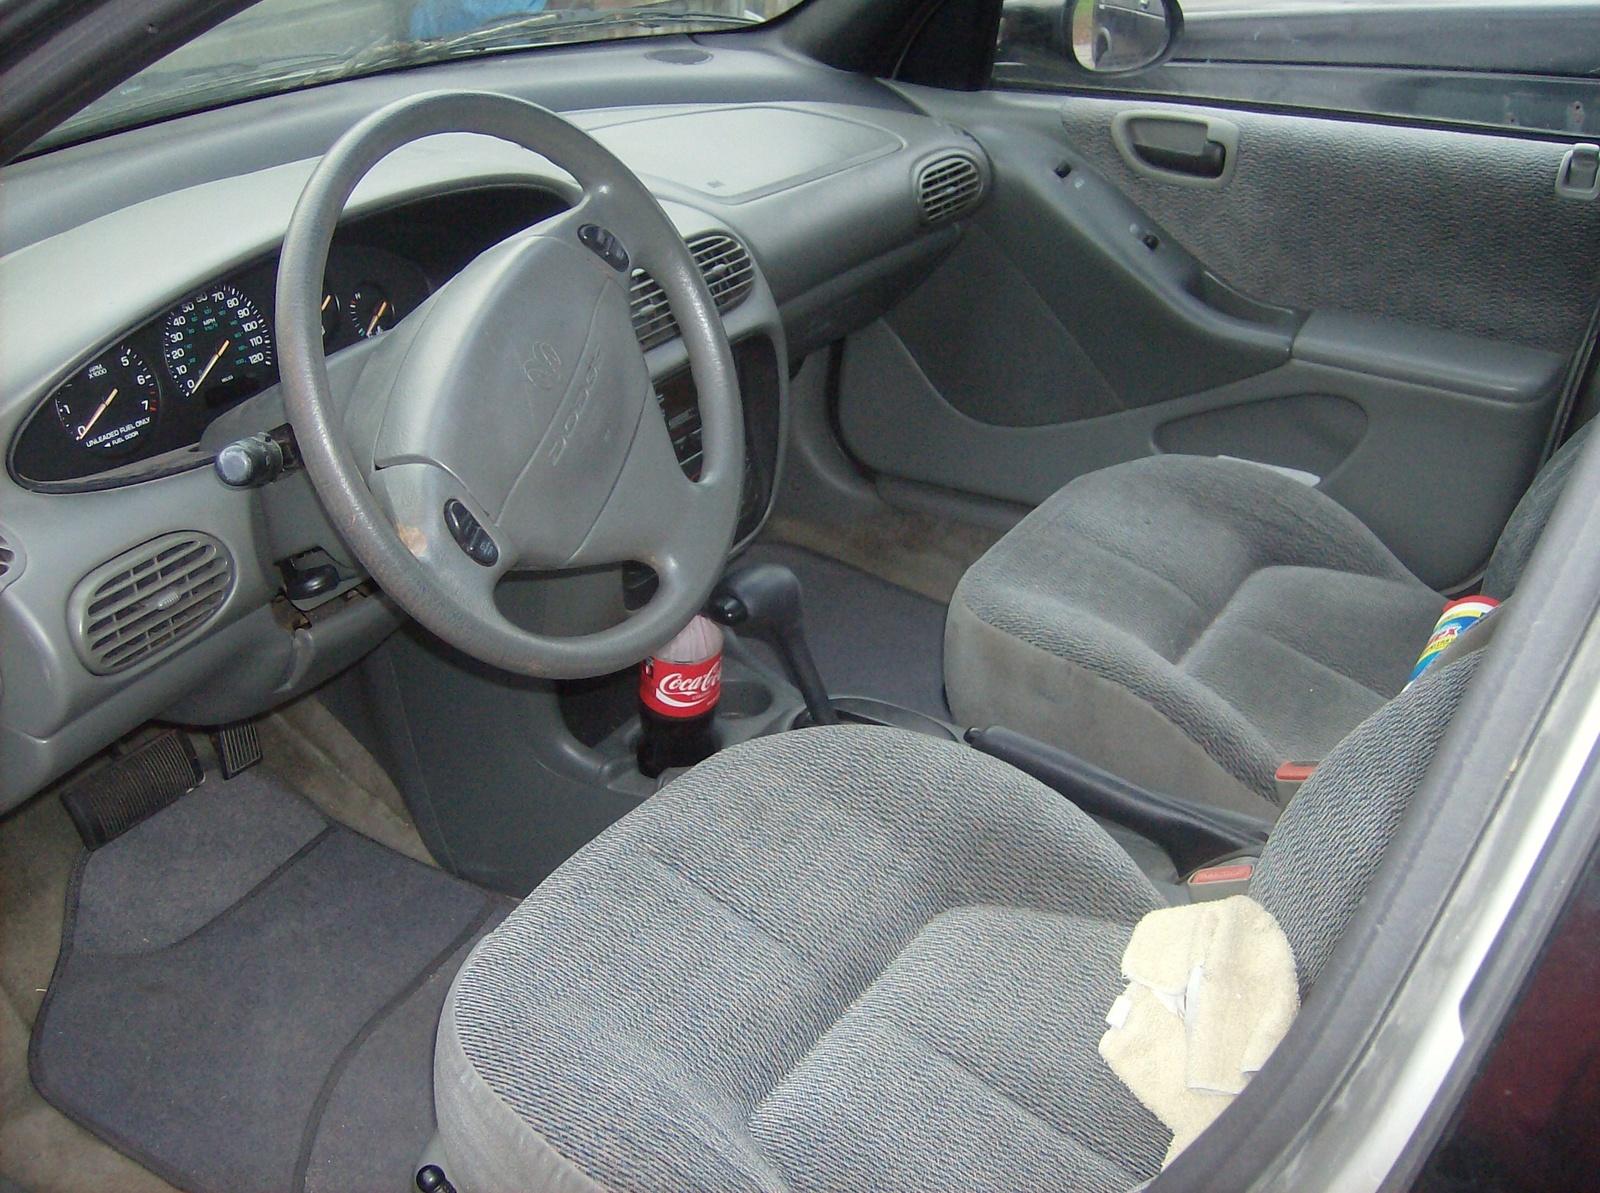 Dodge Stratus Dr Es Sedan Pic on 1995 Dodge Ram Transmission Filter